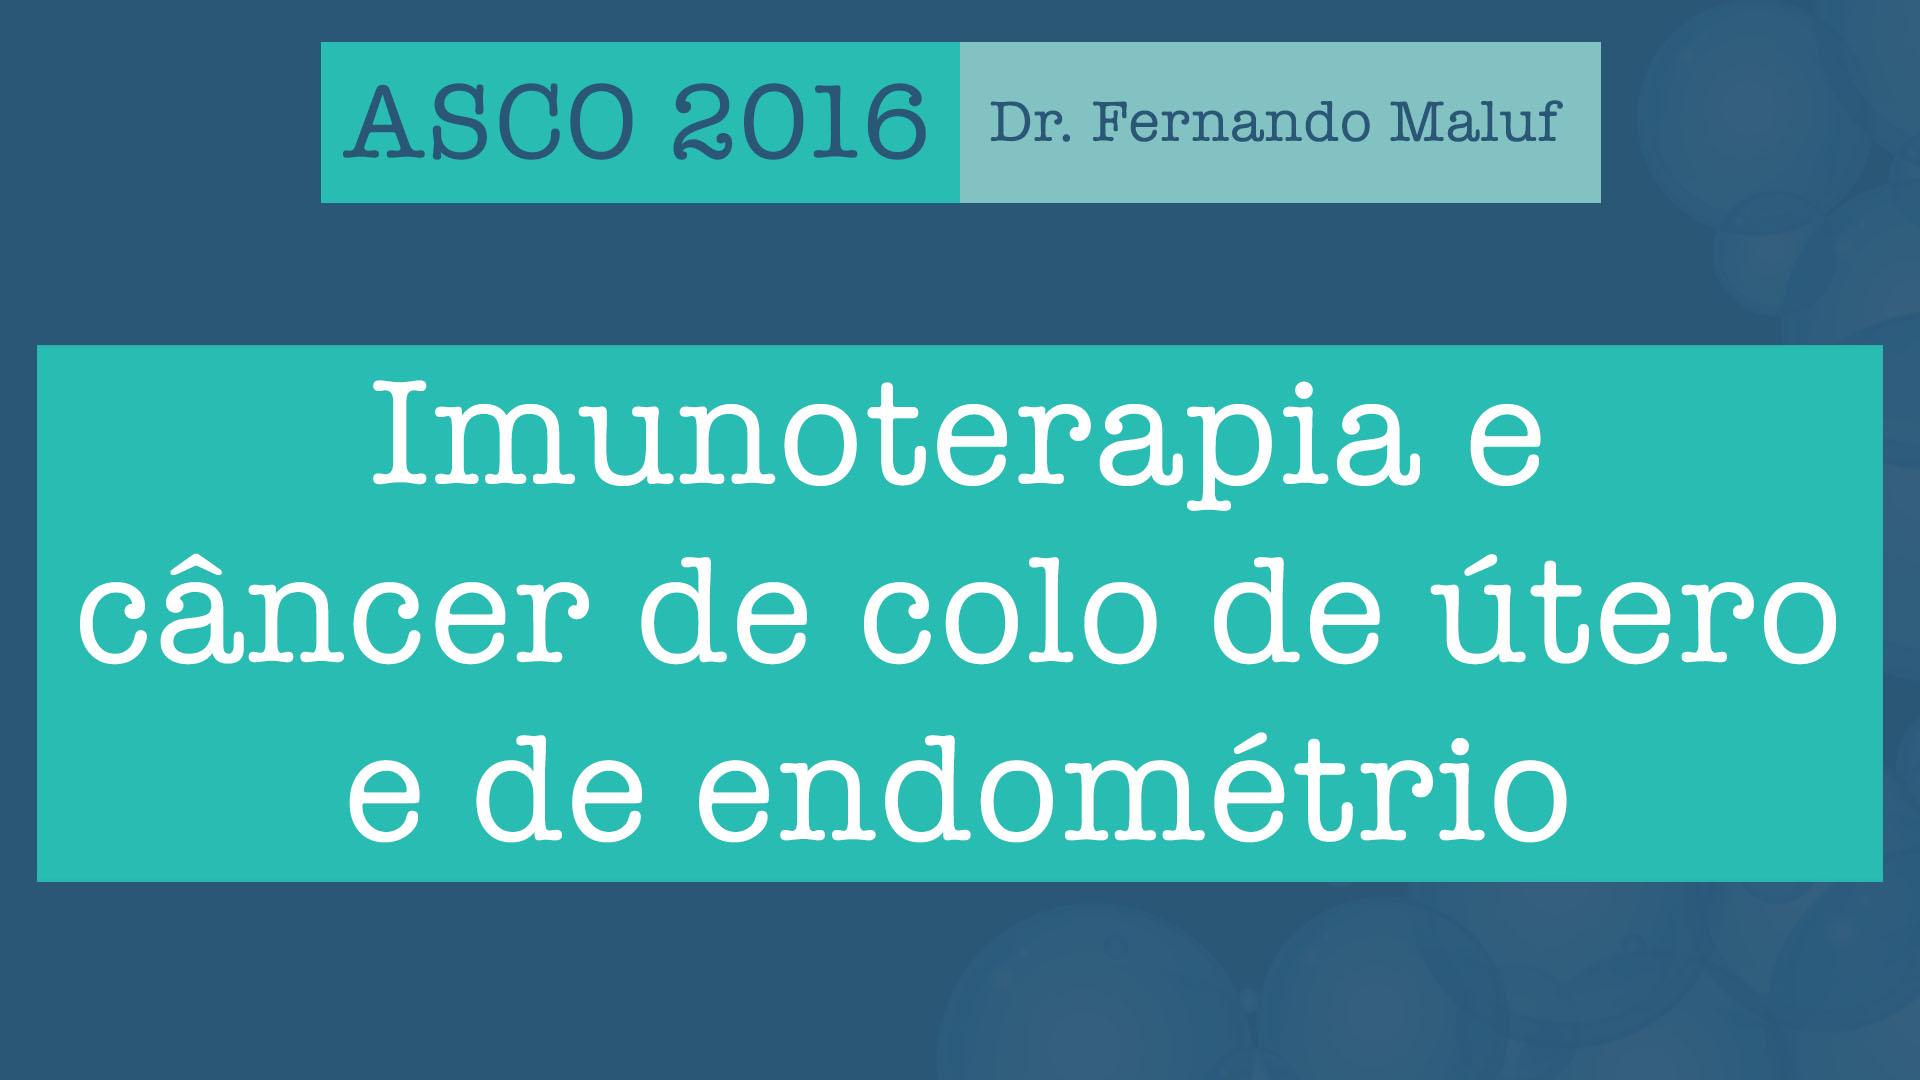 asco 2016 imunoterapia endométrio